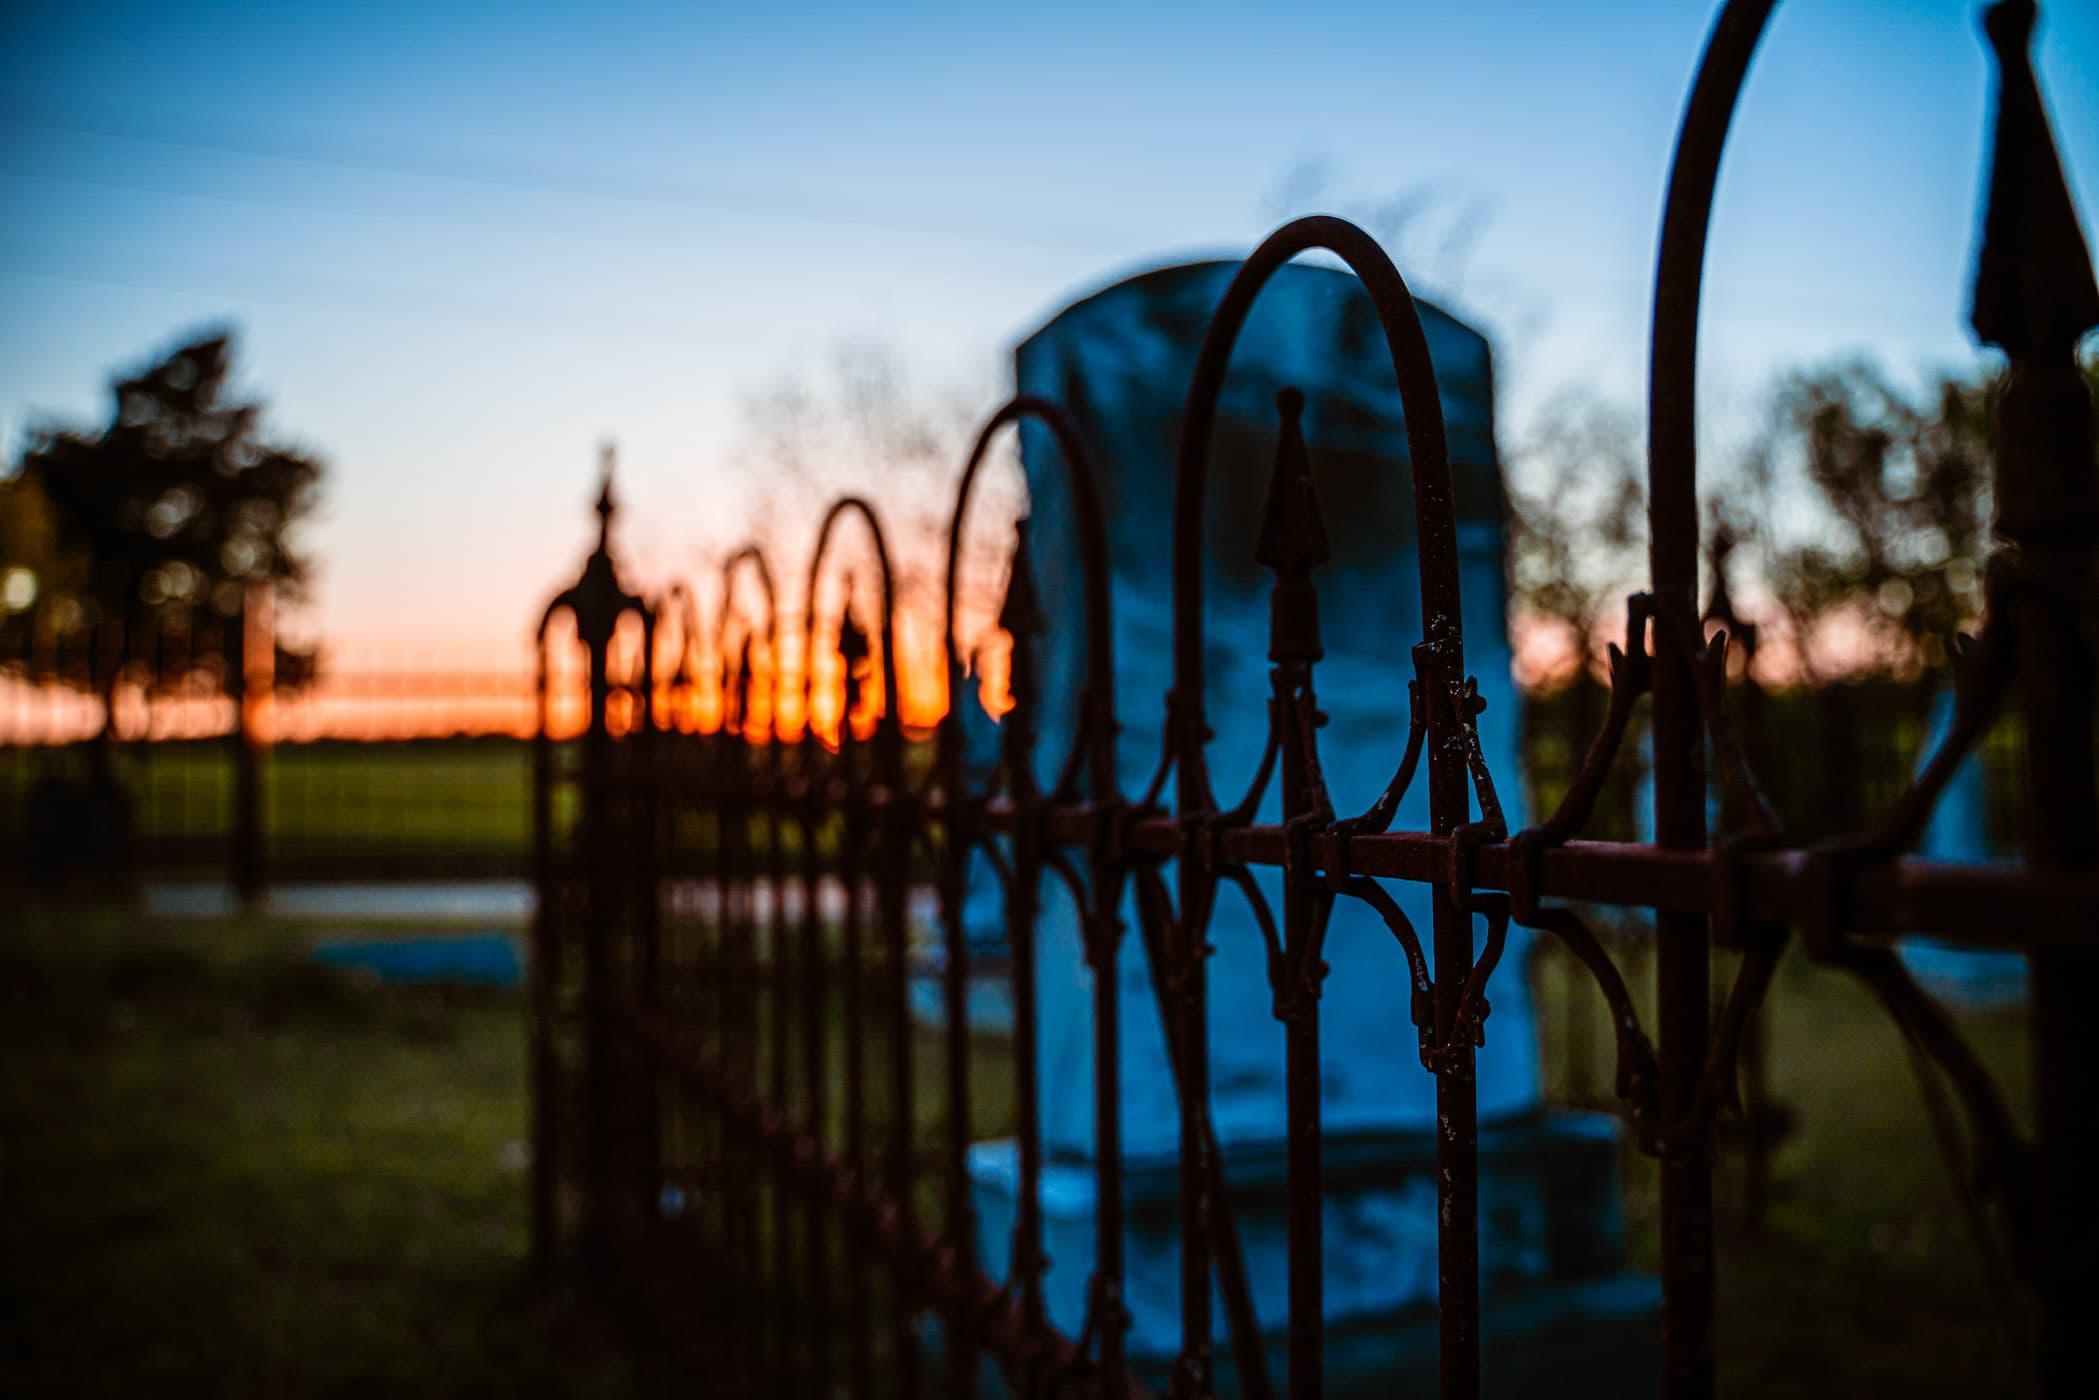 The sun sets on the historic Chambersville Cemetery, Chambersville, Texas.